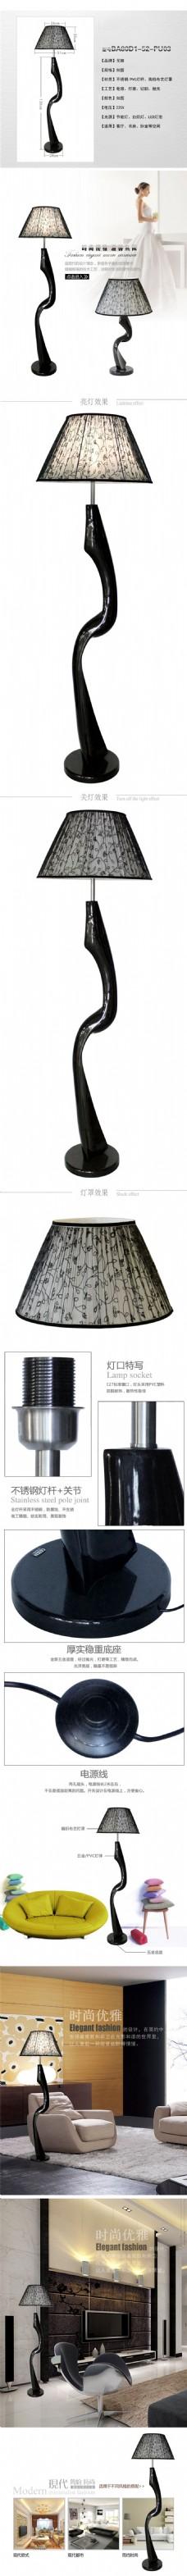 欧式灯具描述